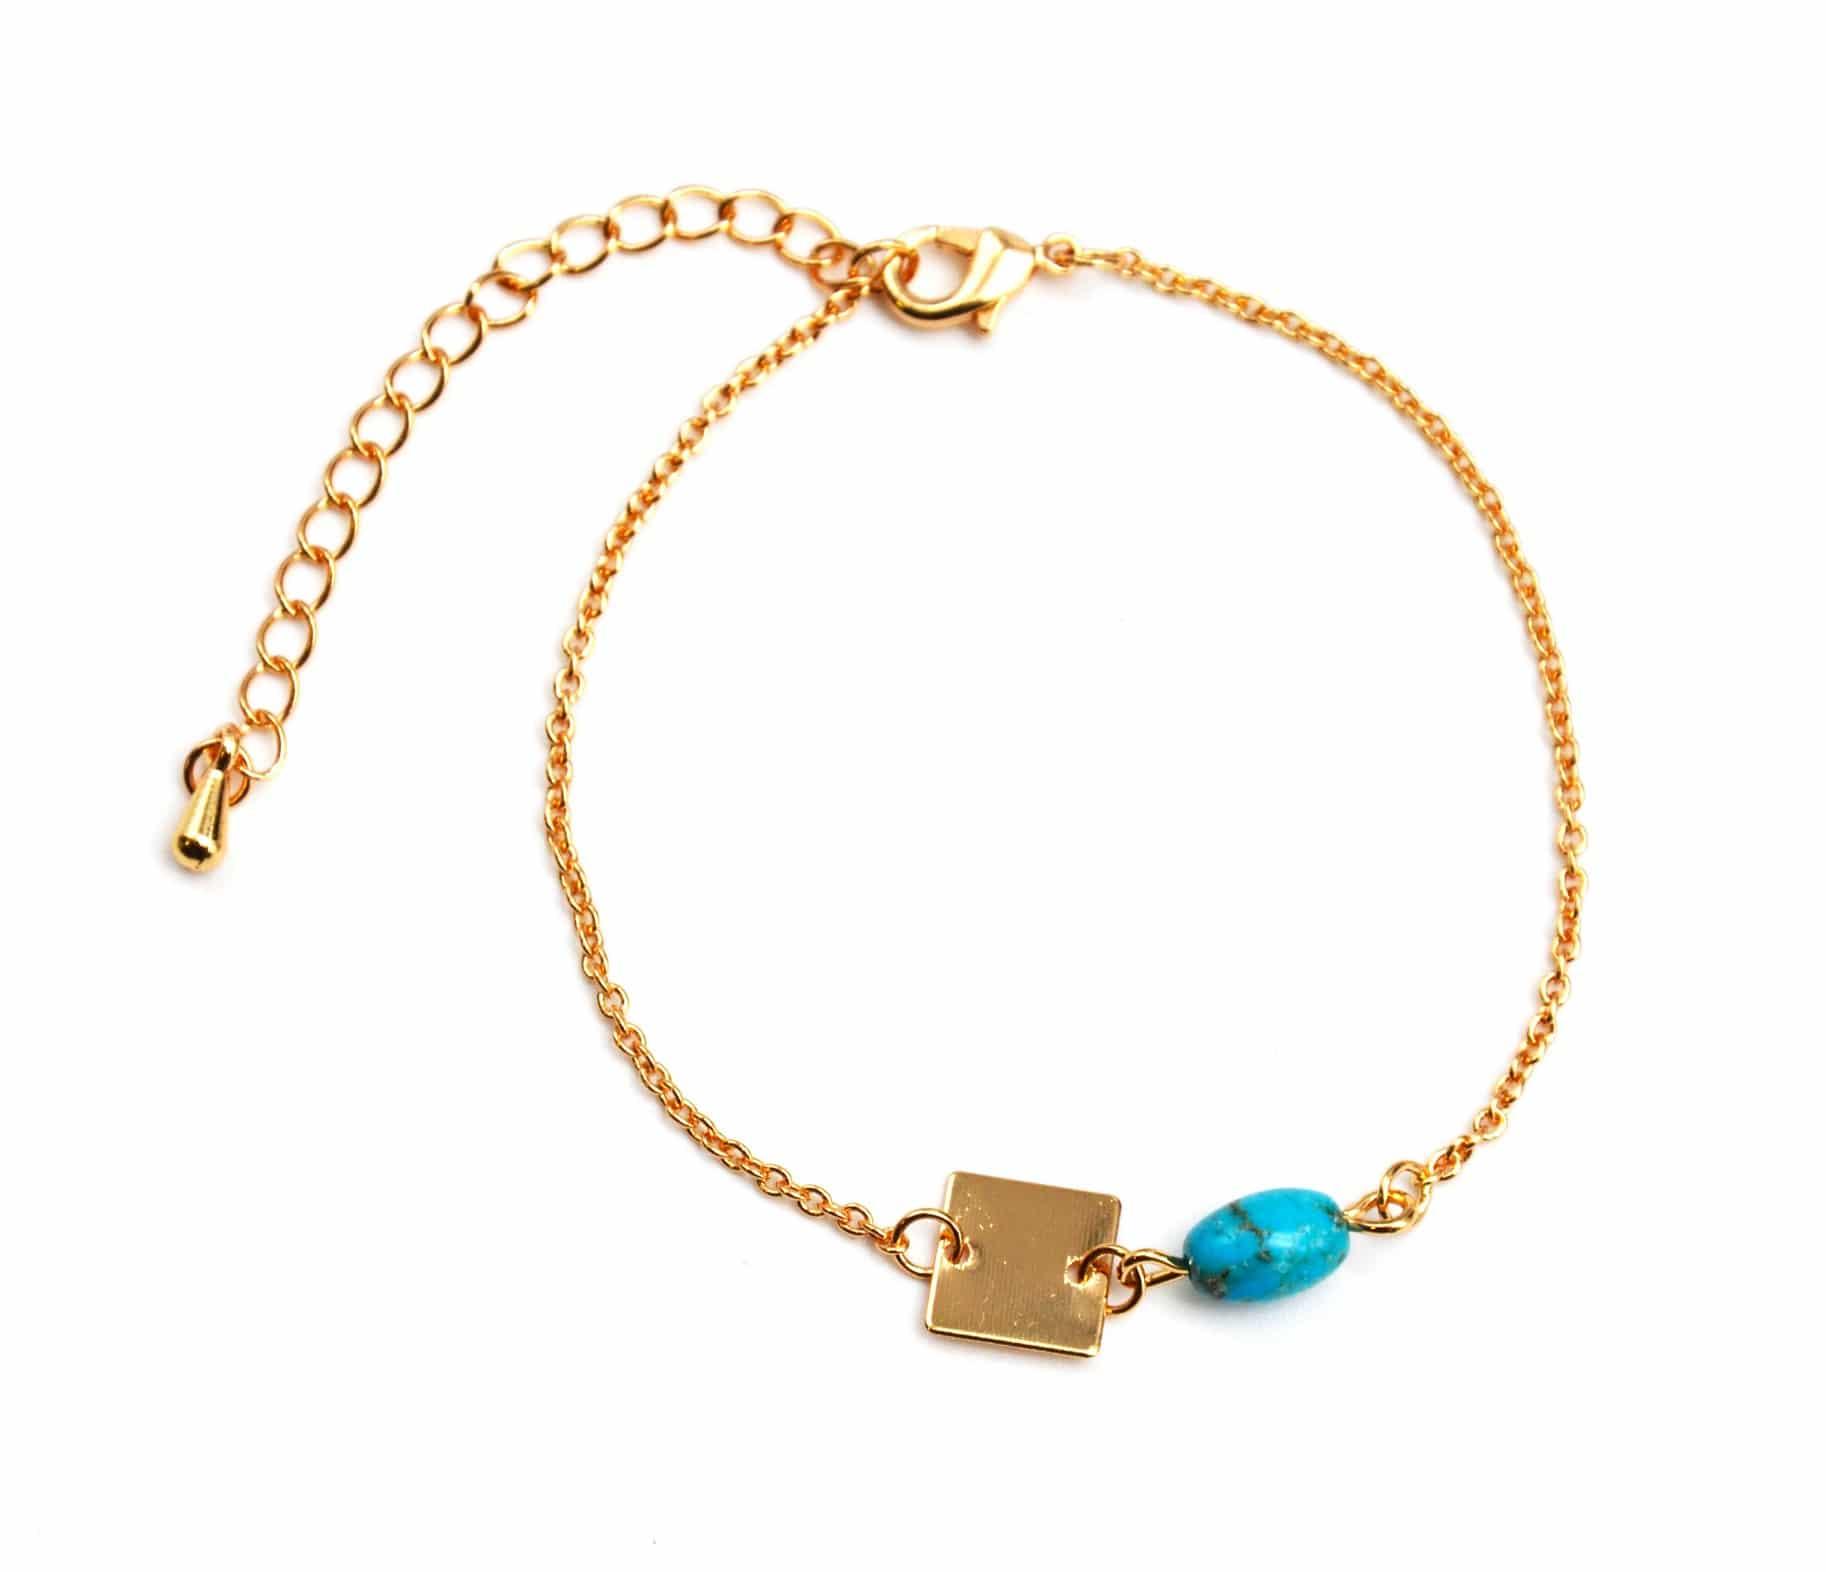 bc1012f bracelet fine cha ne avec charm pierre turquoise et carr m tal dor oh my shop. Black Bedroom Furniture Sets. Home Design Ideas